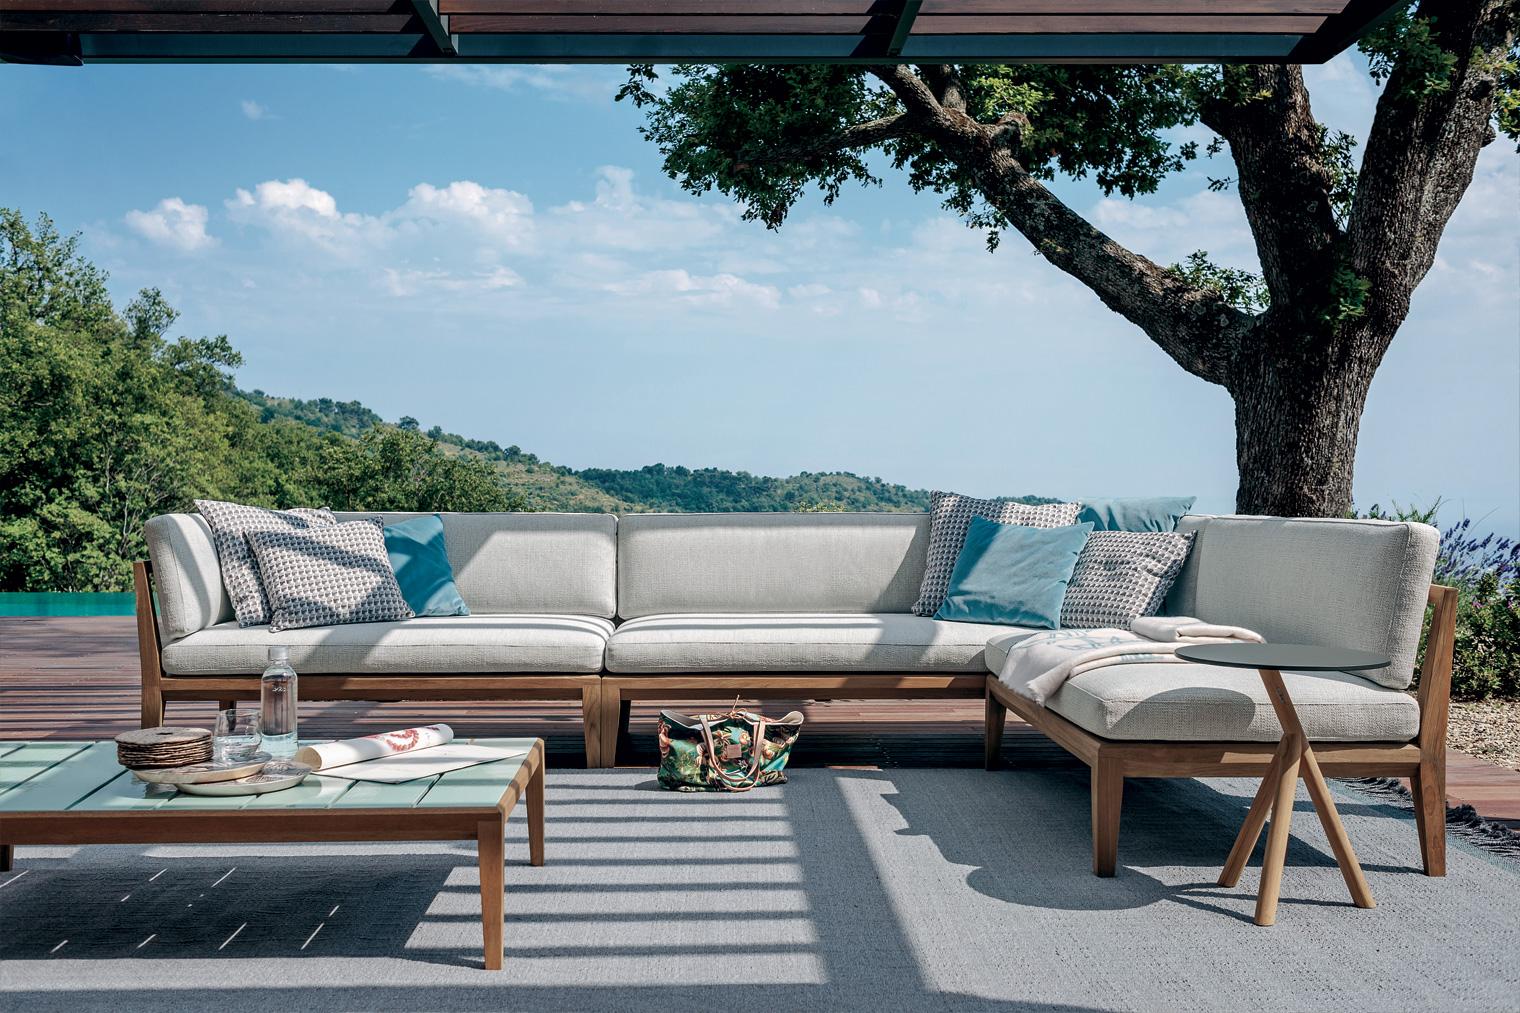 Terrazzi e giardini: nuovo look... - SPAZIO soluzioni